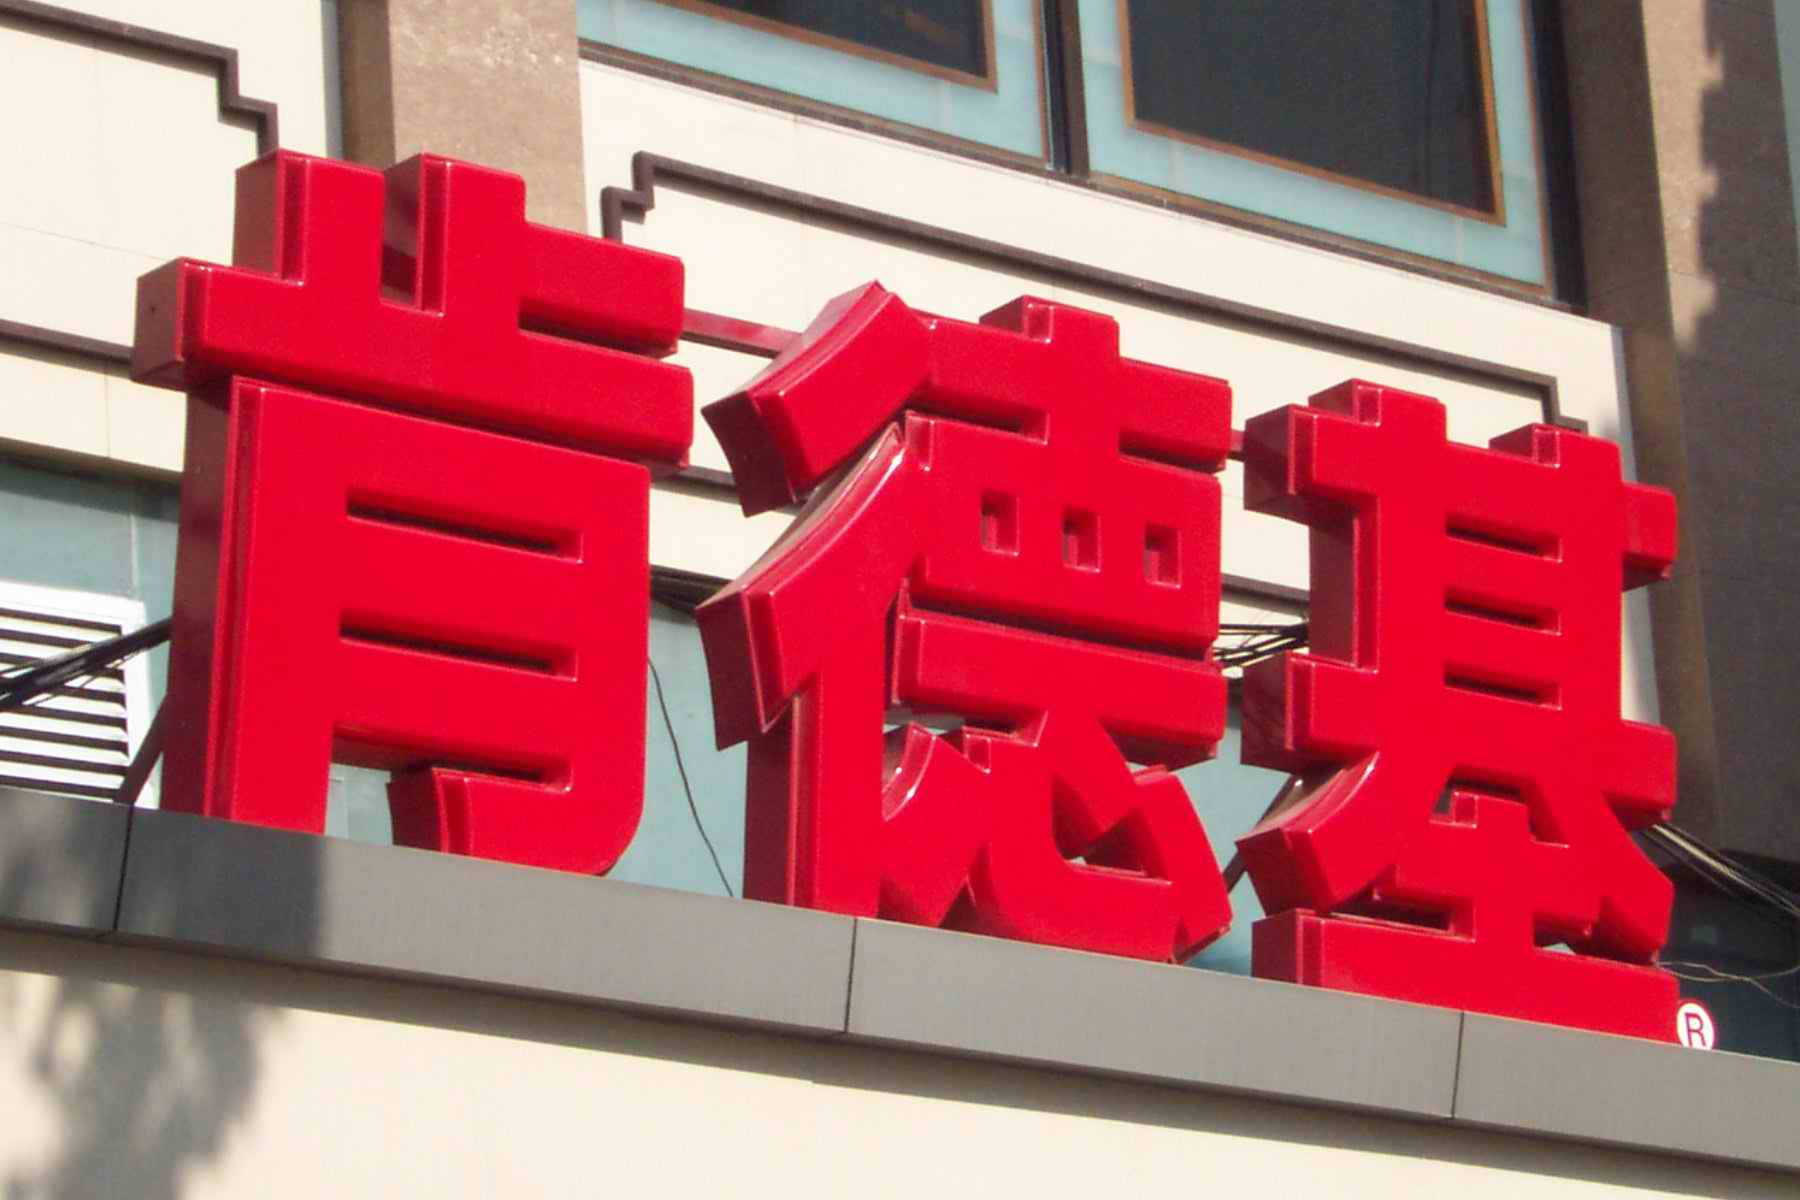 珠海外露字珠海楼顶外露发光字安装价格珠海外露发光广告牌制作